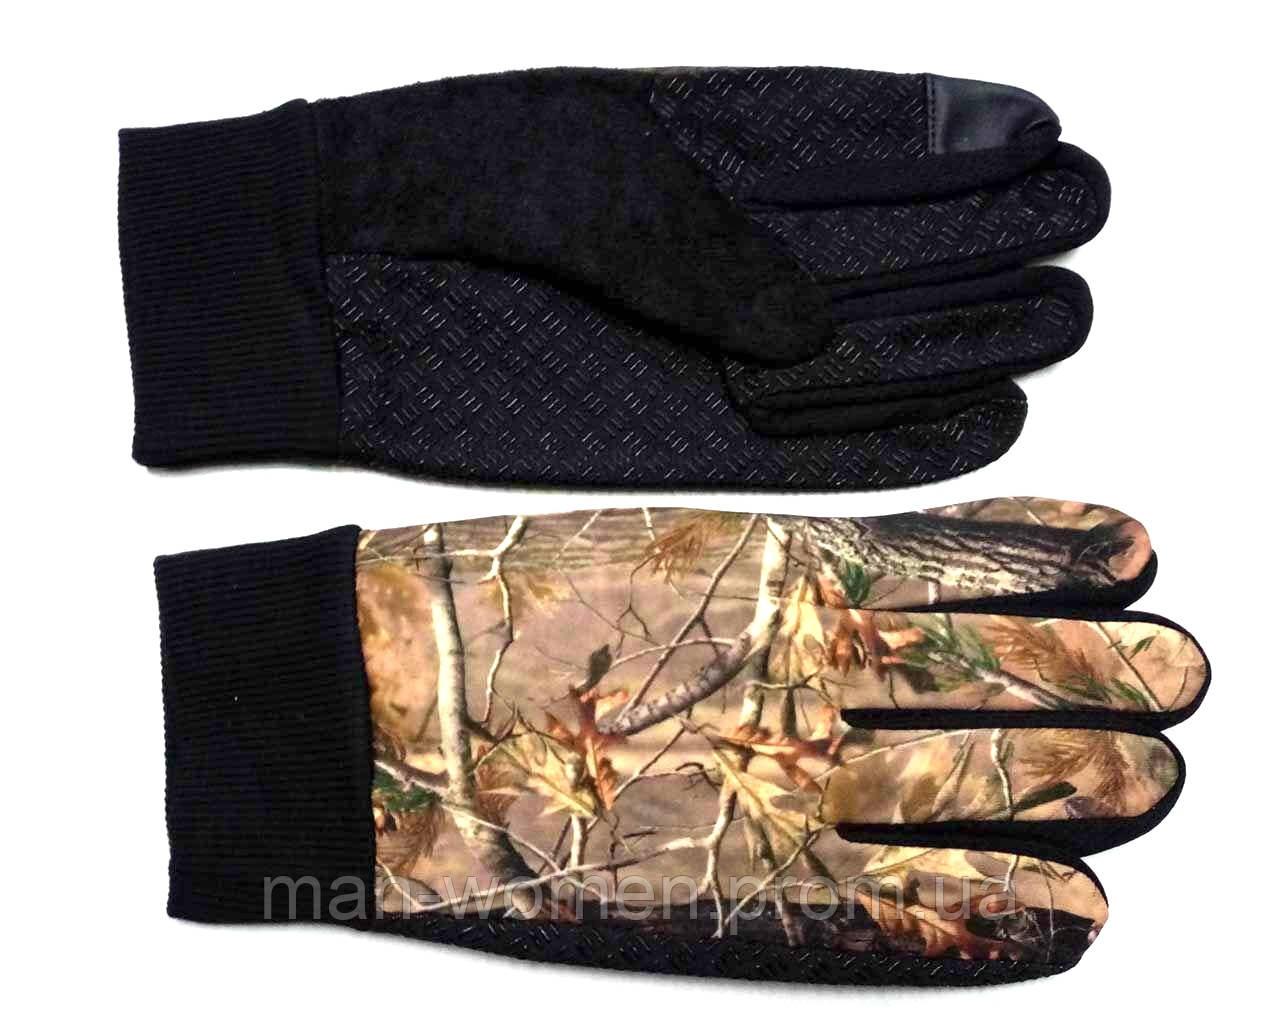 Перчатки лес, теплые (с небольшим начесом) антискользящие